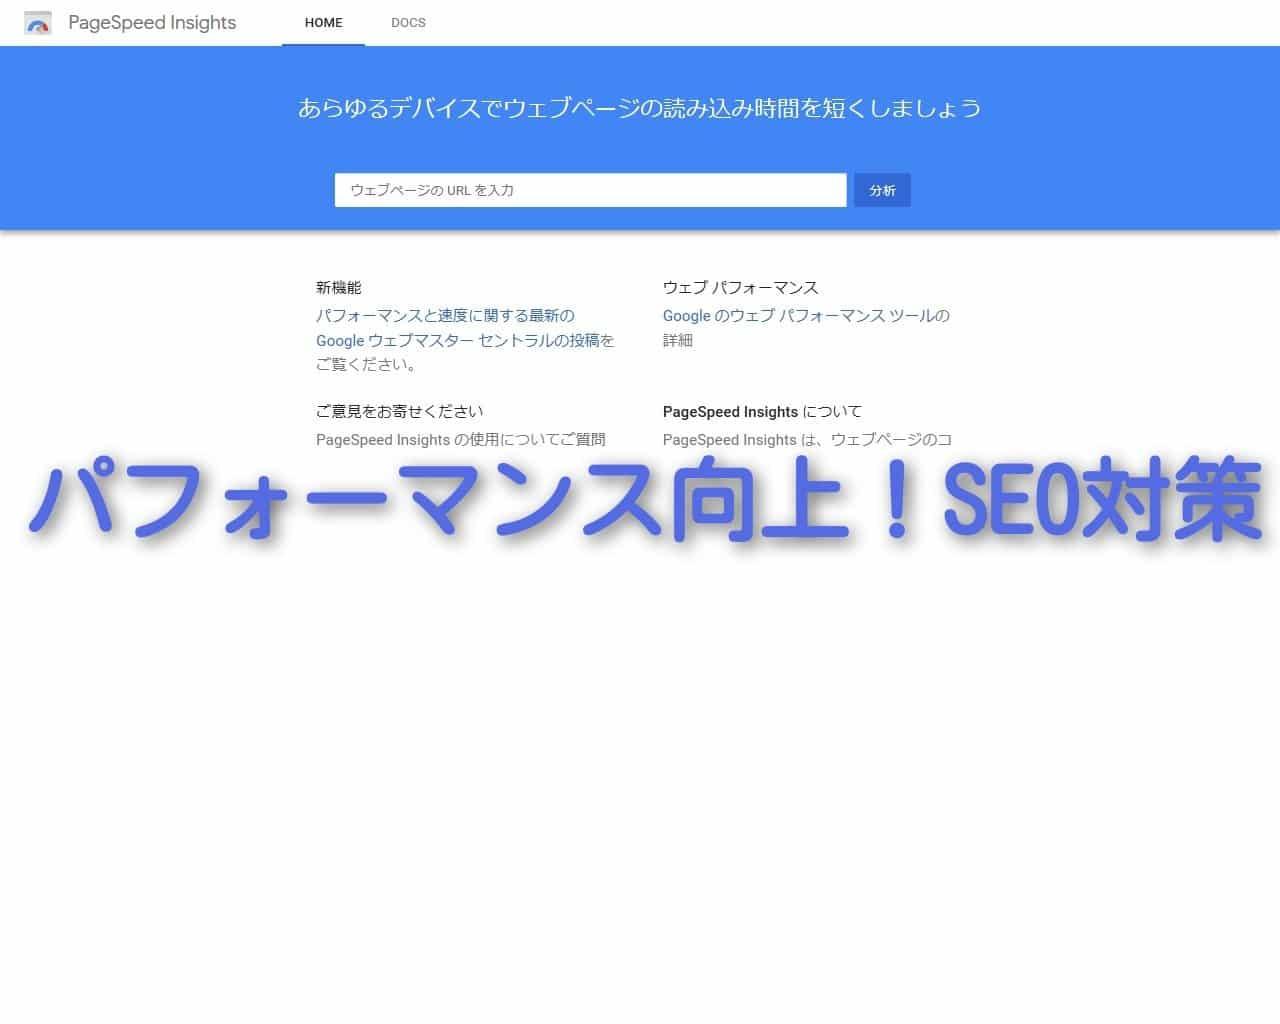 ページスピードインサイトトップ